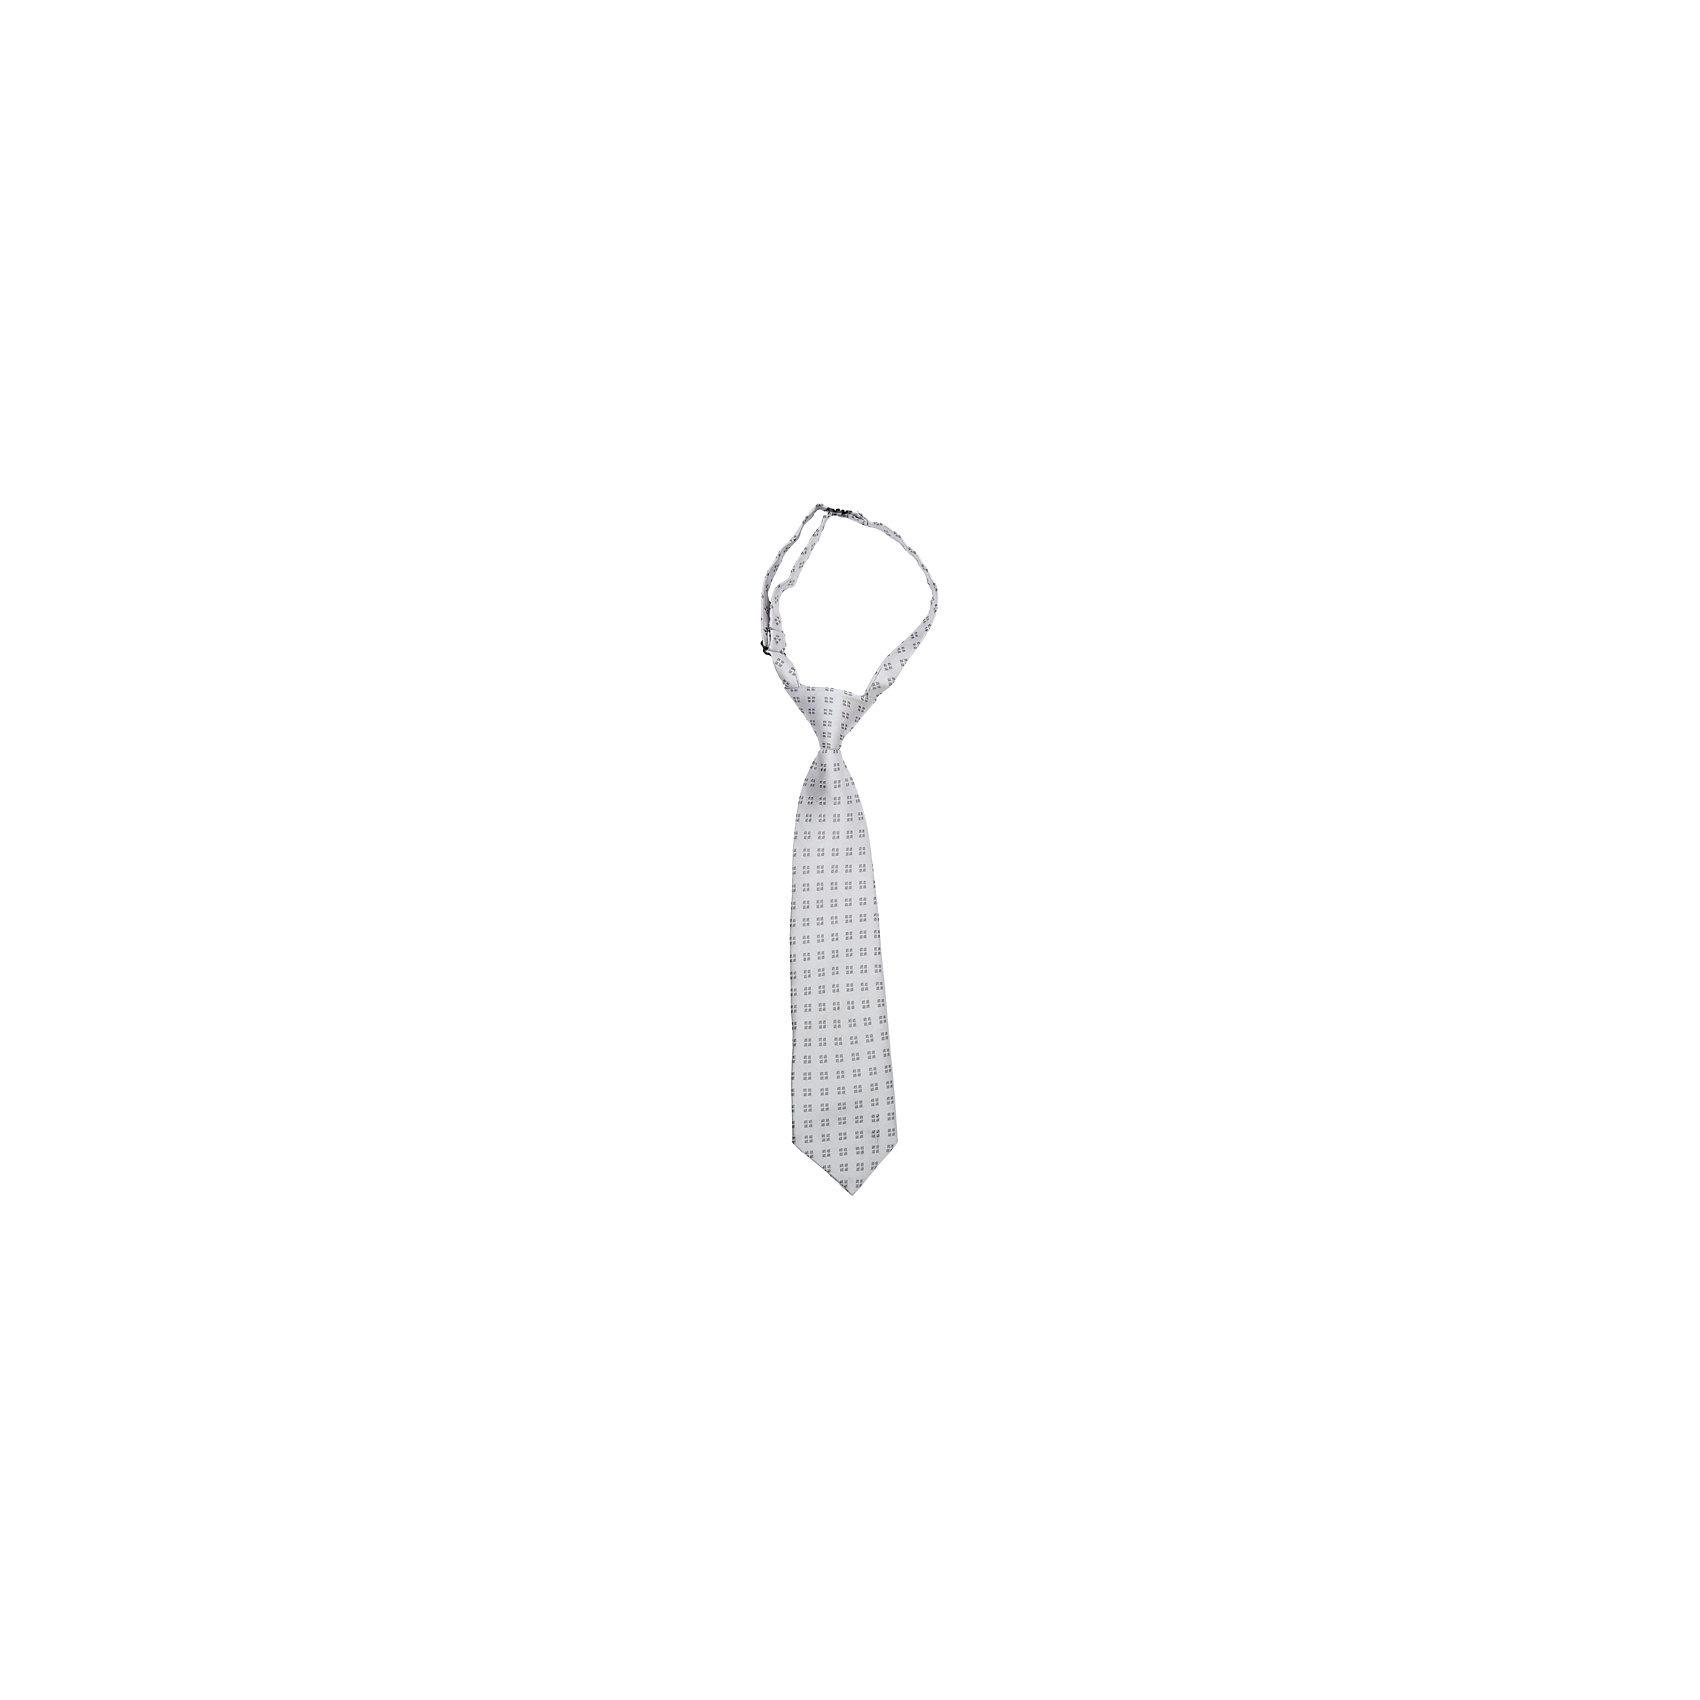 Галстук  для мальчика ScoolАксессуары<br>Галстук  для мальчика Scool<br>Классический галстук серого цвета в мелкий узор.<br>Состав:<br>100% полиэстер<br><br>Ширина мм: 170<br>Глубина мм: 157<br>Высота мм: 67<br>Вес г: 117<br>Цвет: серый<br>Возраст от месяцев: 60<br>Возраст до месяцев: 132<br>Пол: Мужской<br>Возраст: Детский<br>Размер: one size<br>SKU: 6754316